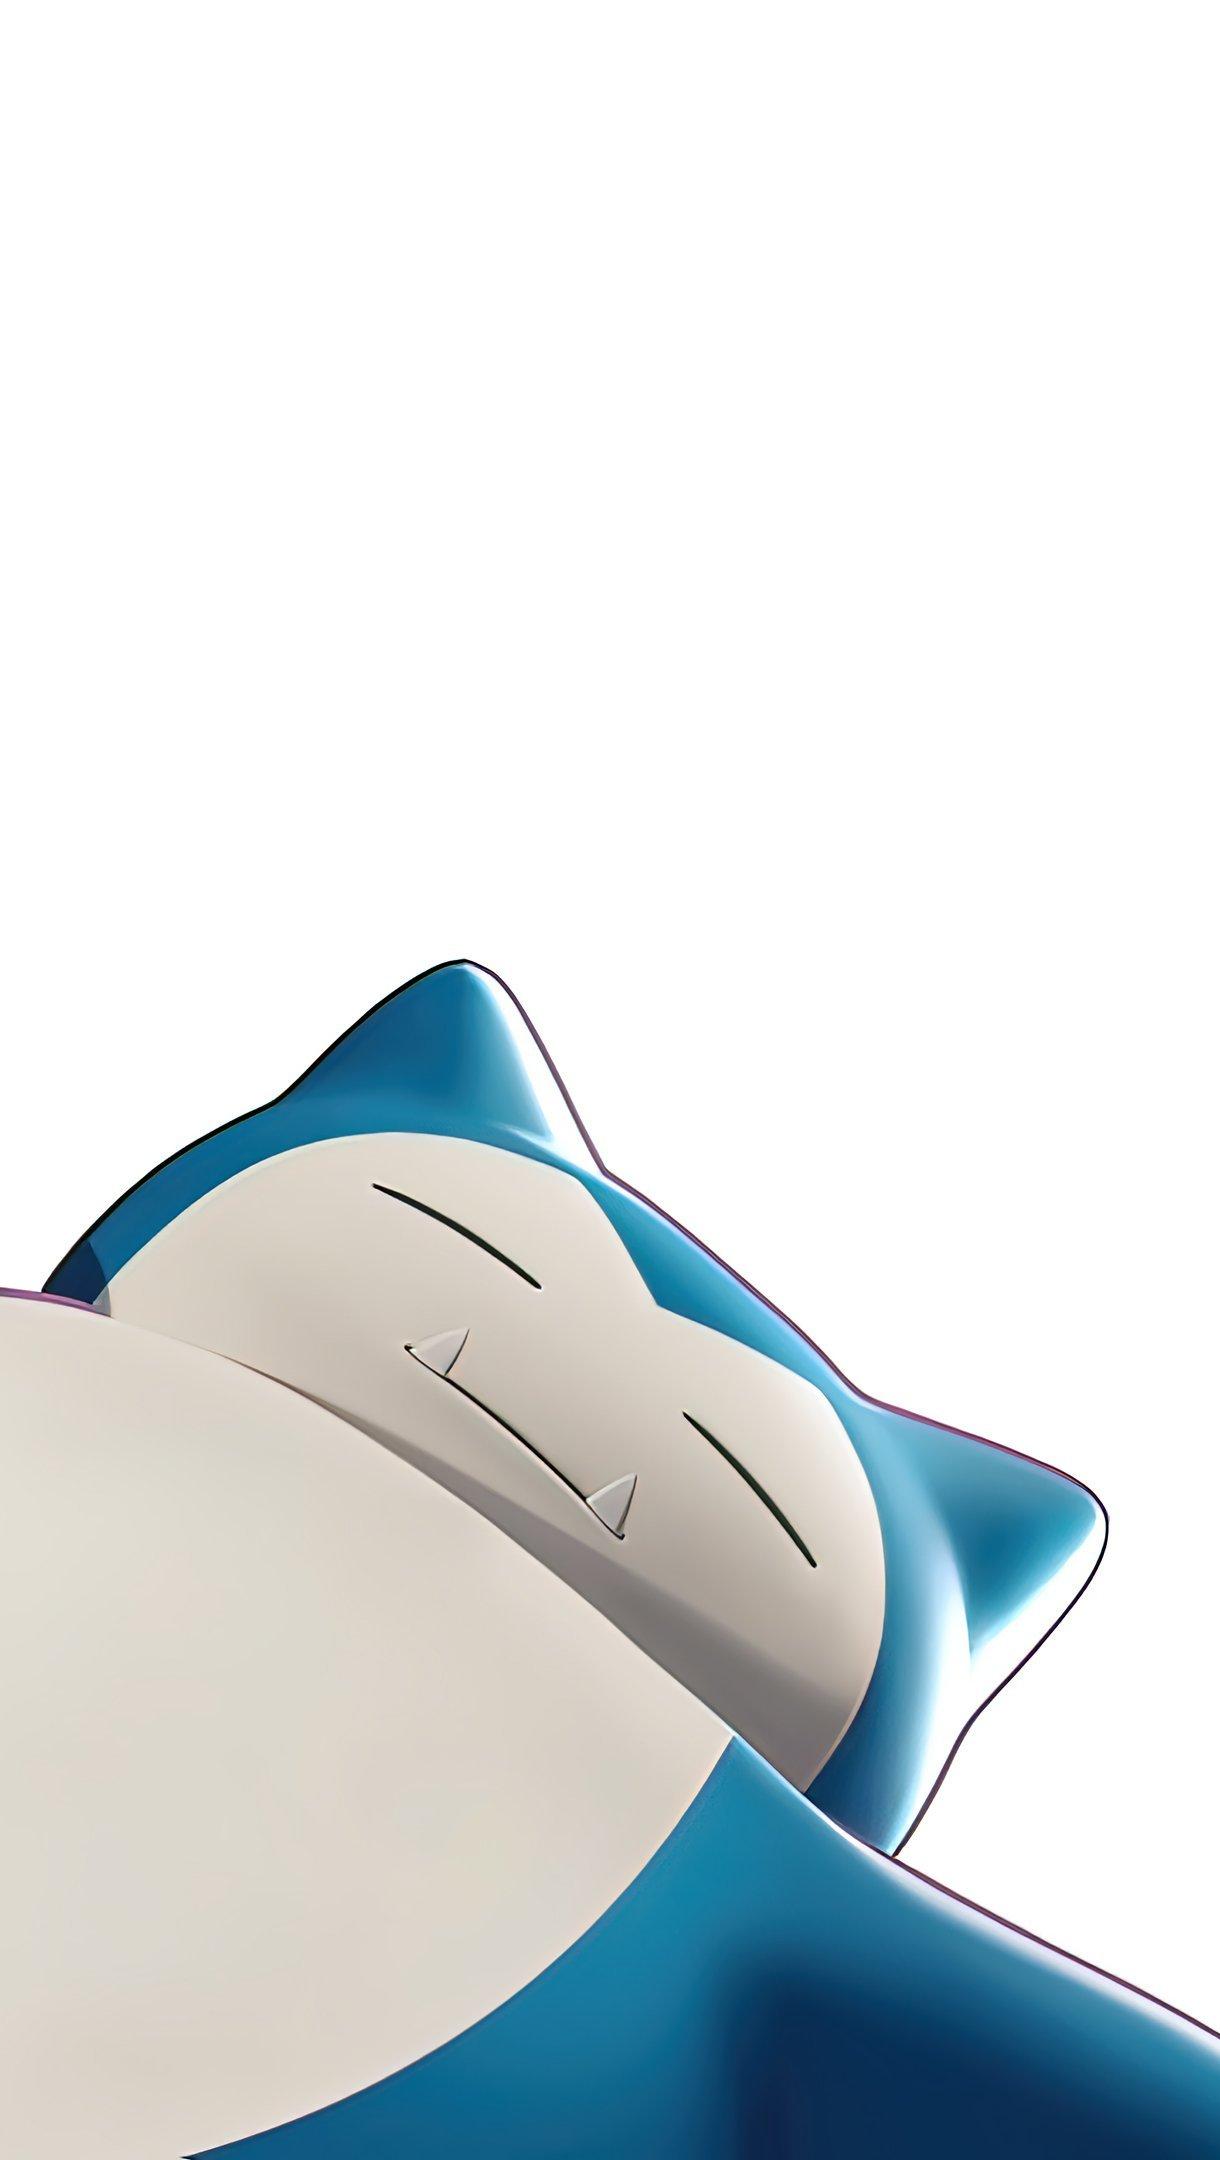 Fondos de pantalla Snorlax de Pokemon Vertical